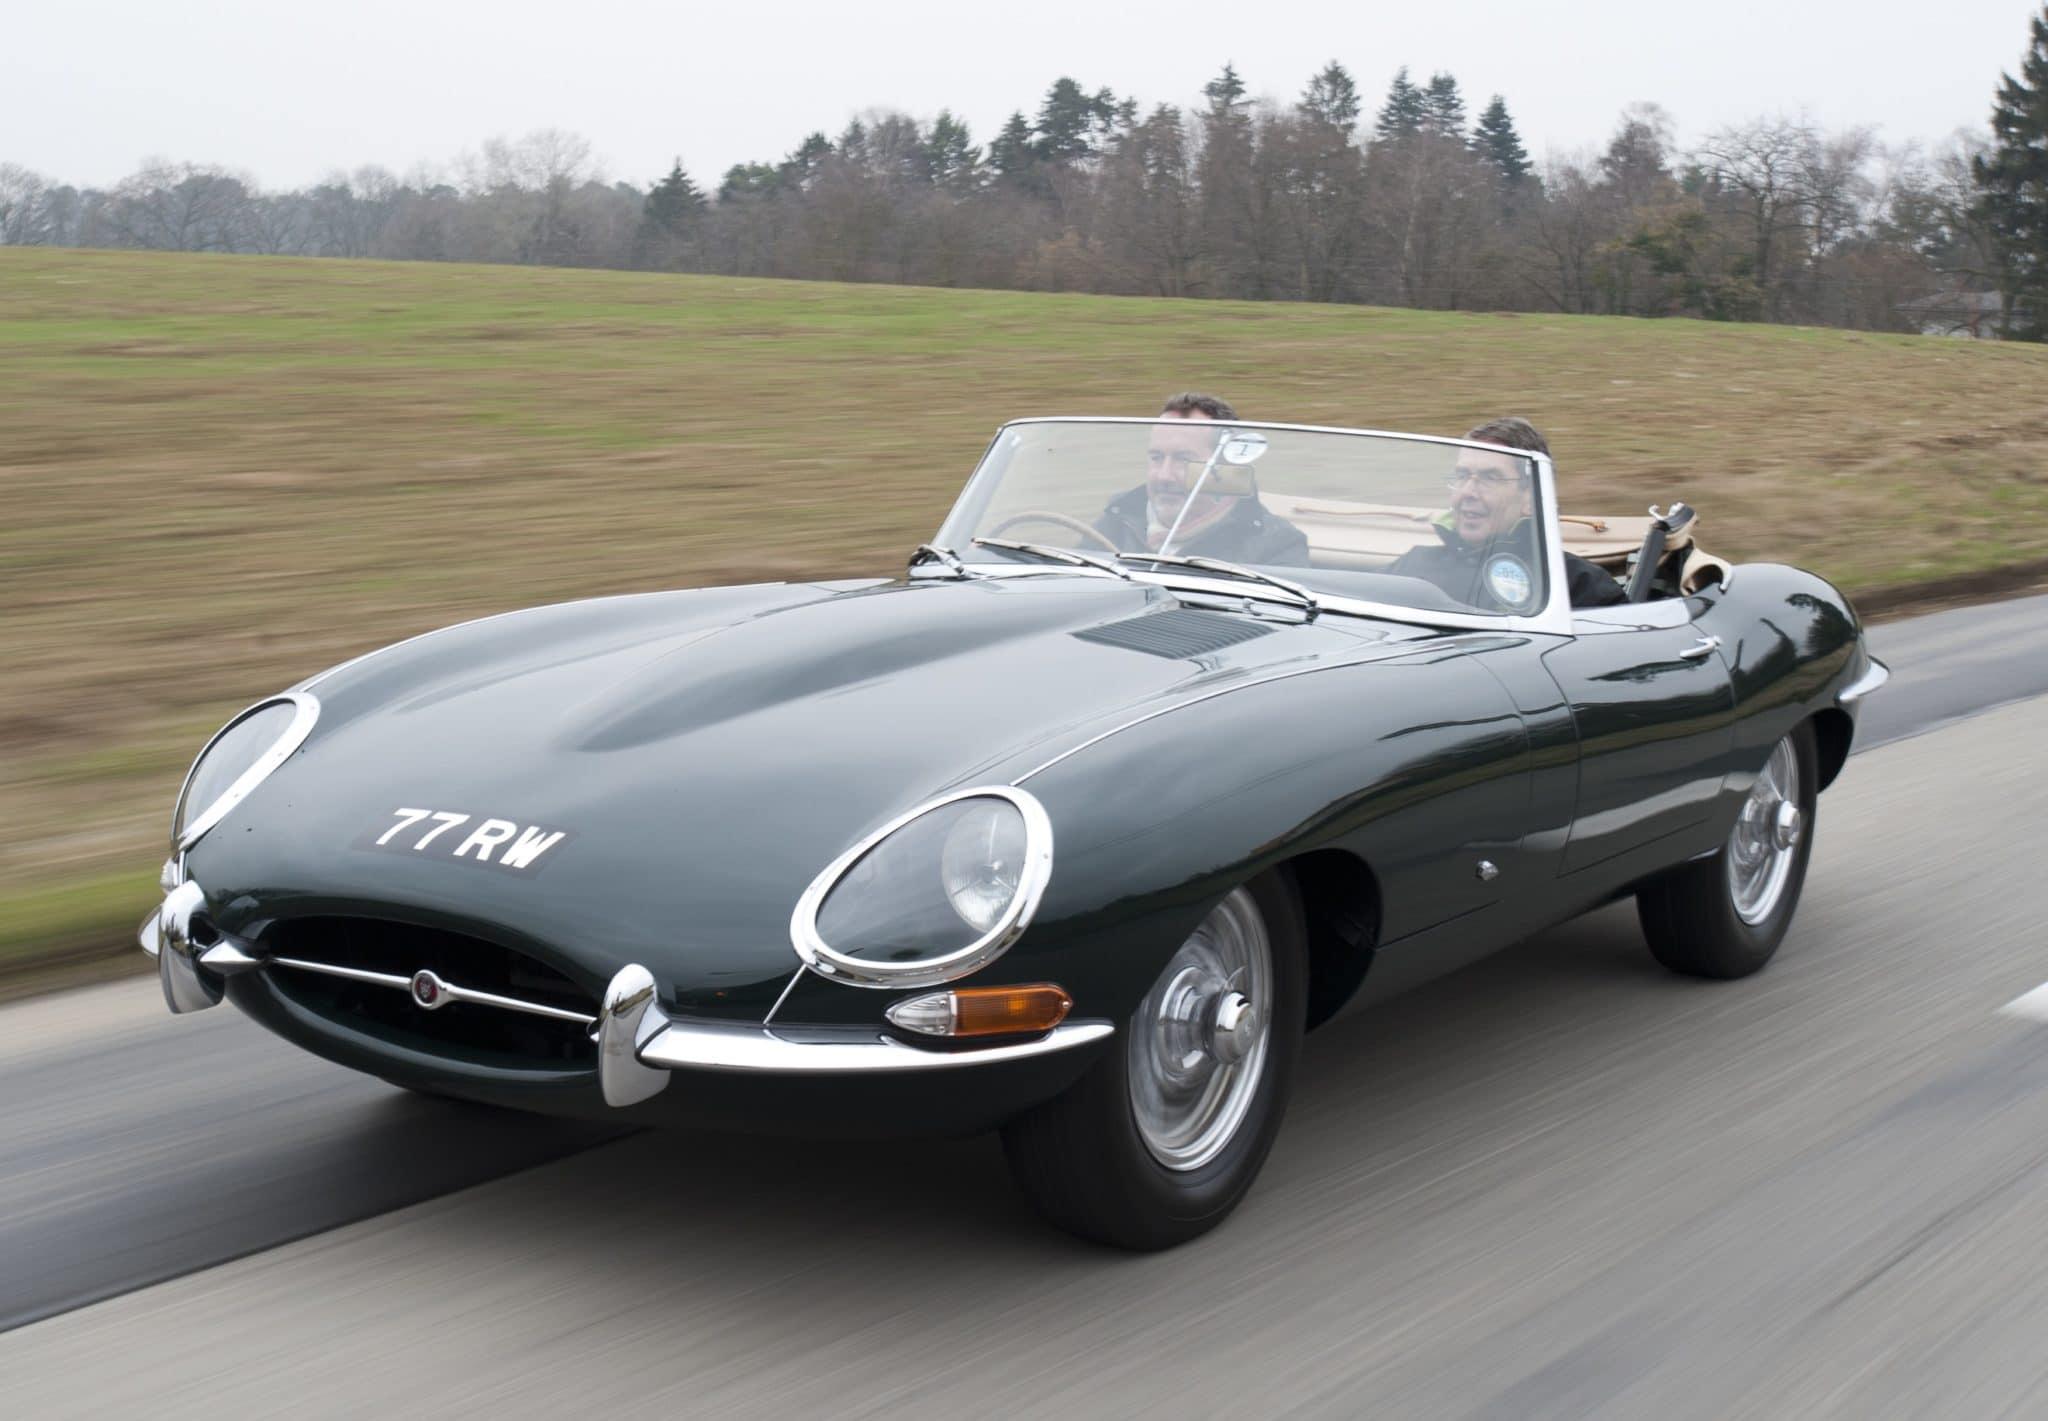 Plus belles voitures du monde - Jaguar Type E 1961